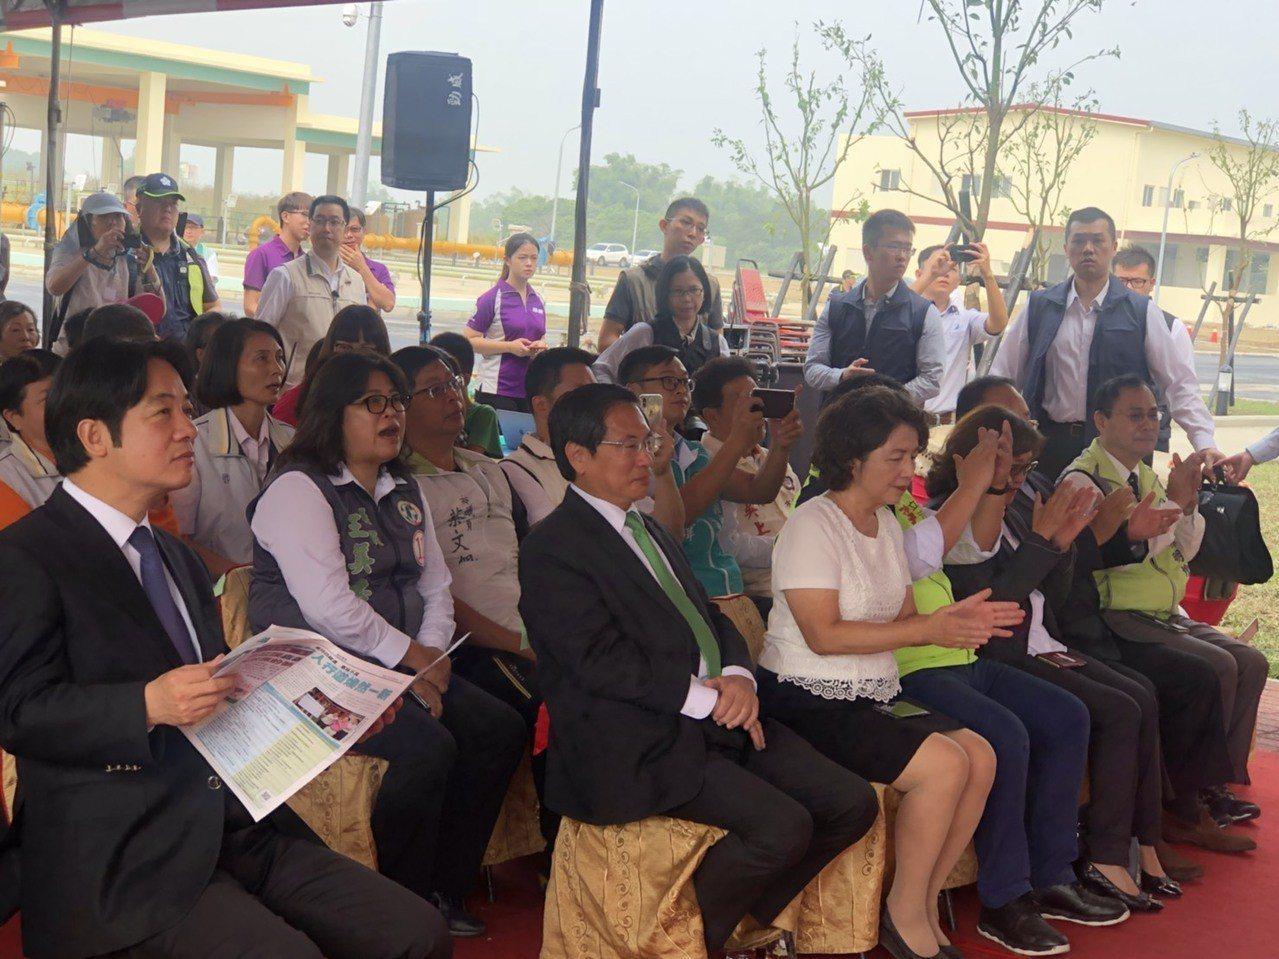 嘉義市水資中心成立典禮上,多名市議員及里長都出席。記者王慧瑛/攝影